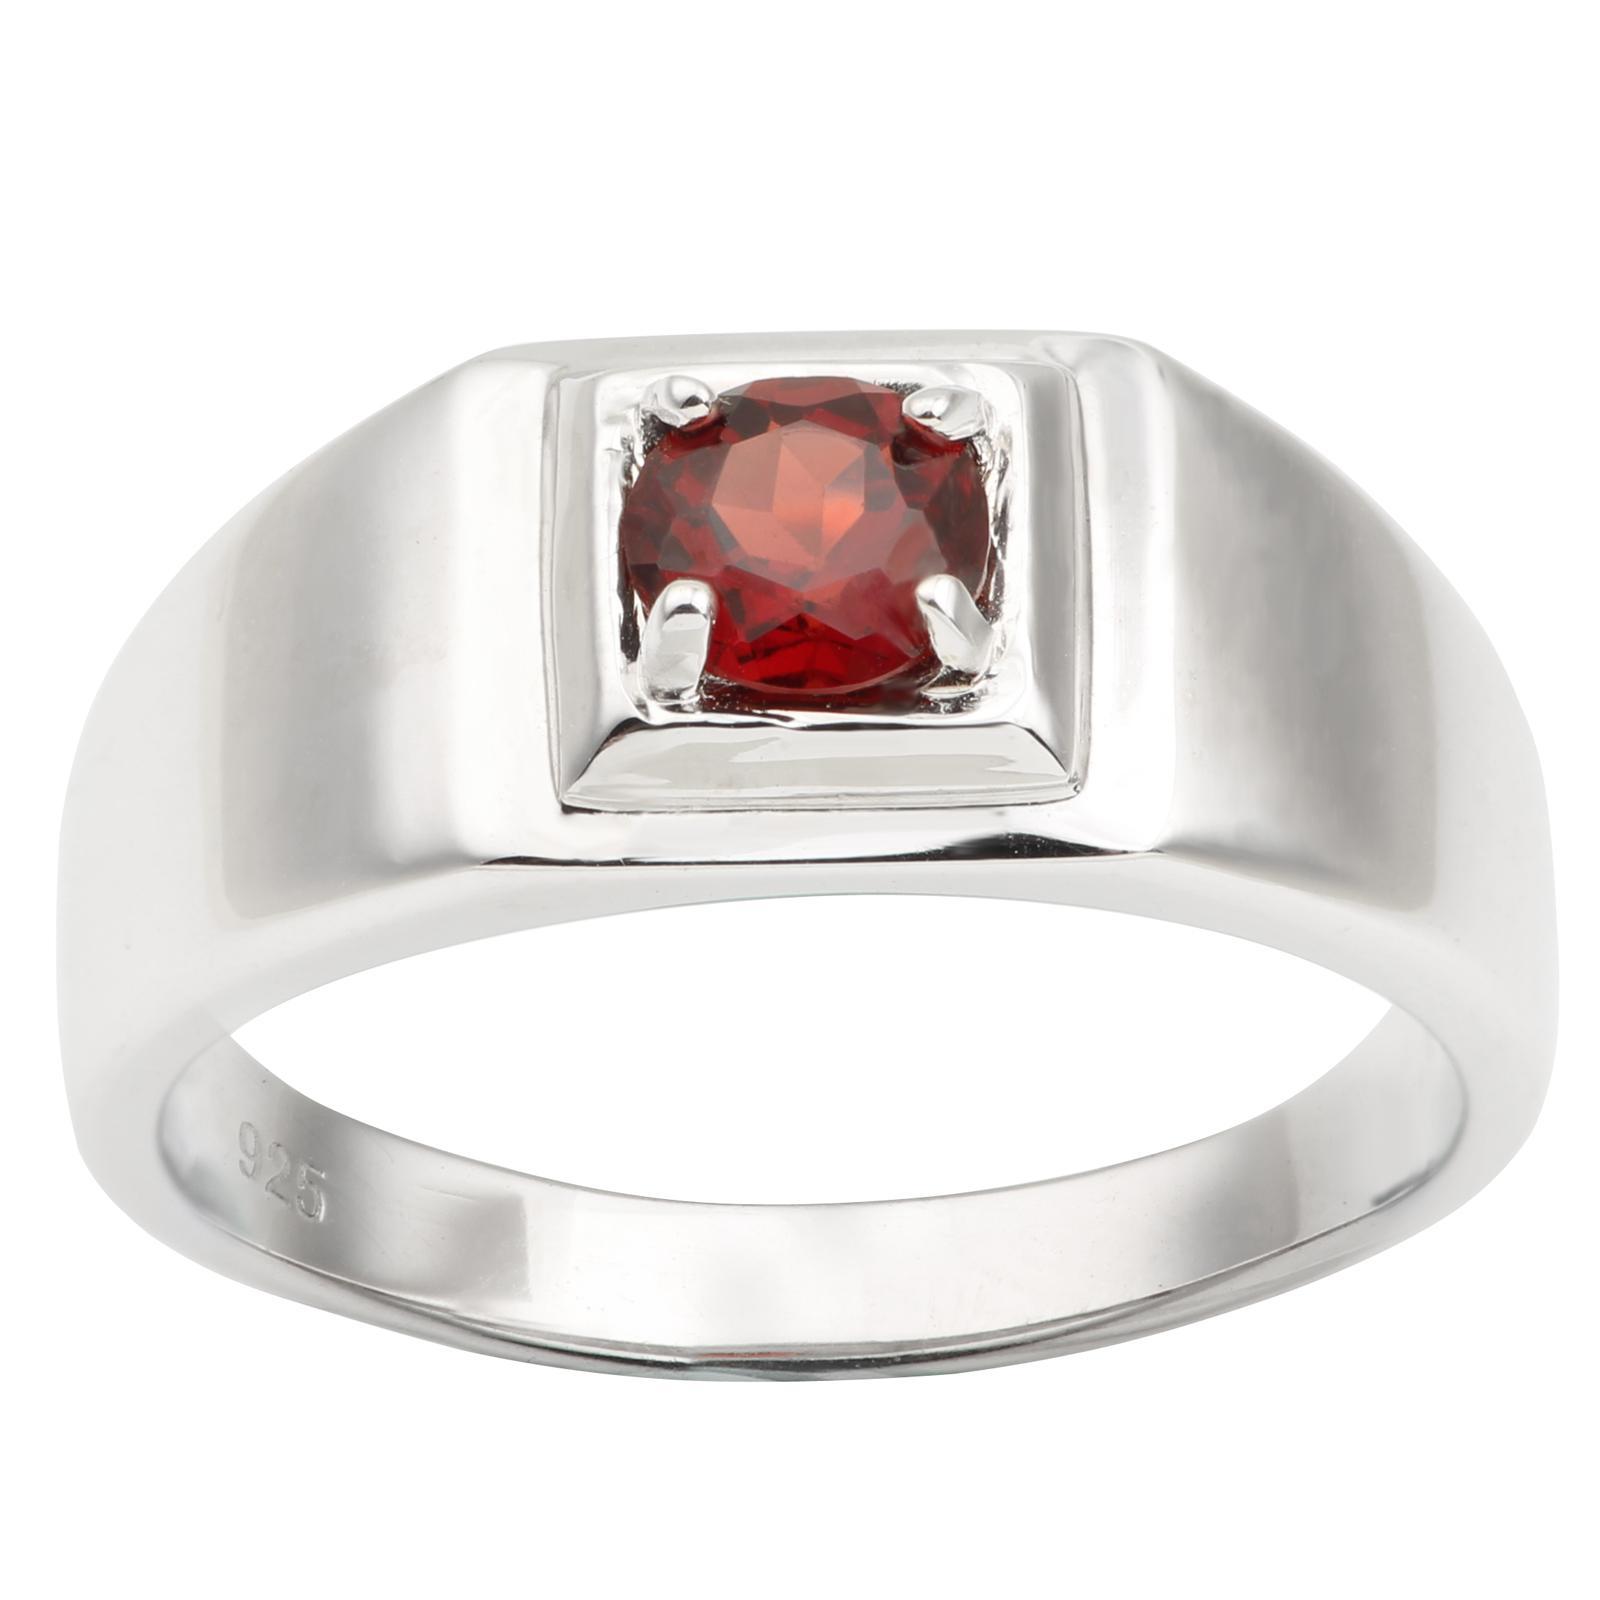 Naturale Rosso granato 925 anello d'argento per gli uomini gioielli Pure 5,5 millimetri Banda della pietra preziosa rotonda di cristallo gennaio Birthstone regalo di compleanno R503RGN